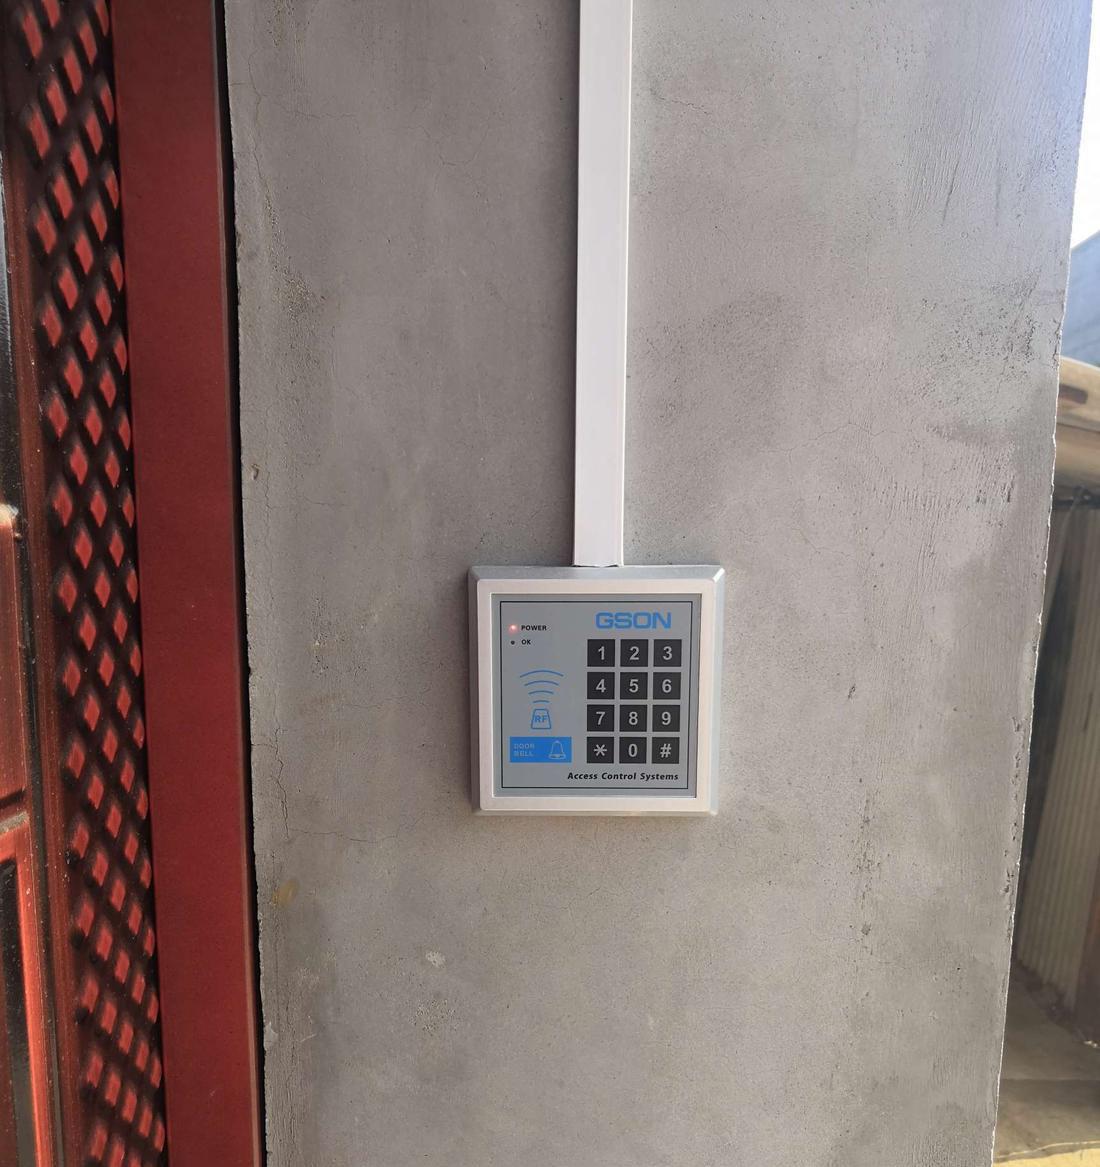 门禁安装各个配件的位置如何选取